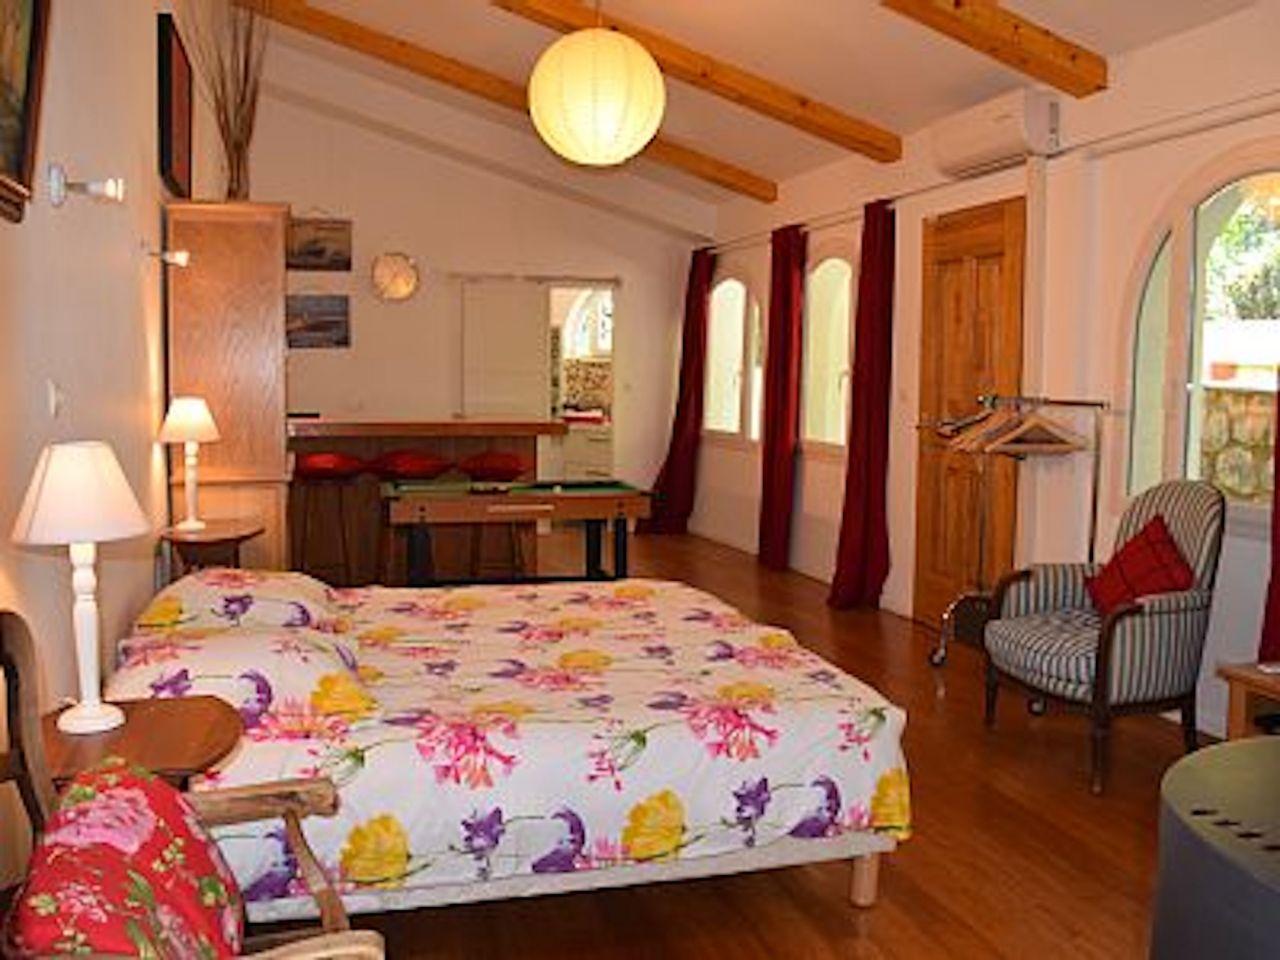 Вилла в Больё-сюр-Мер, Франция - фото 1